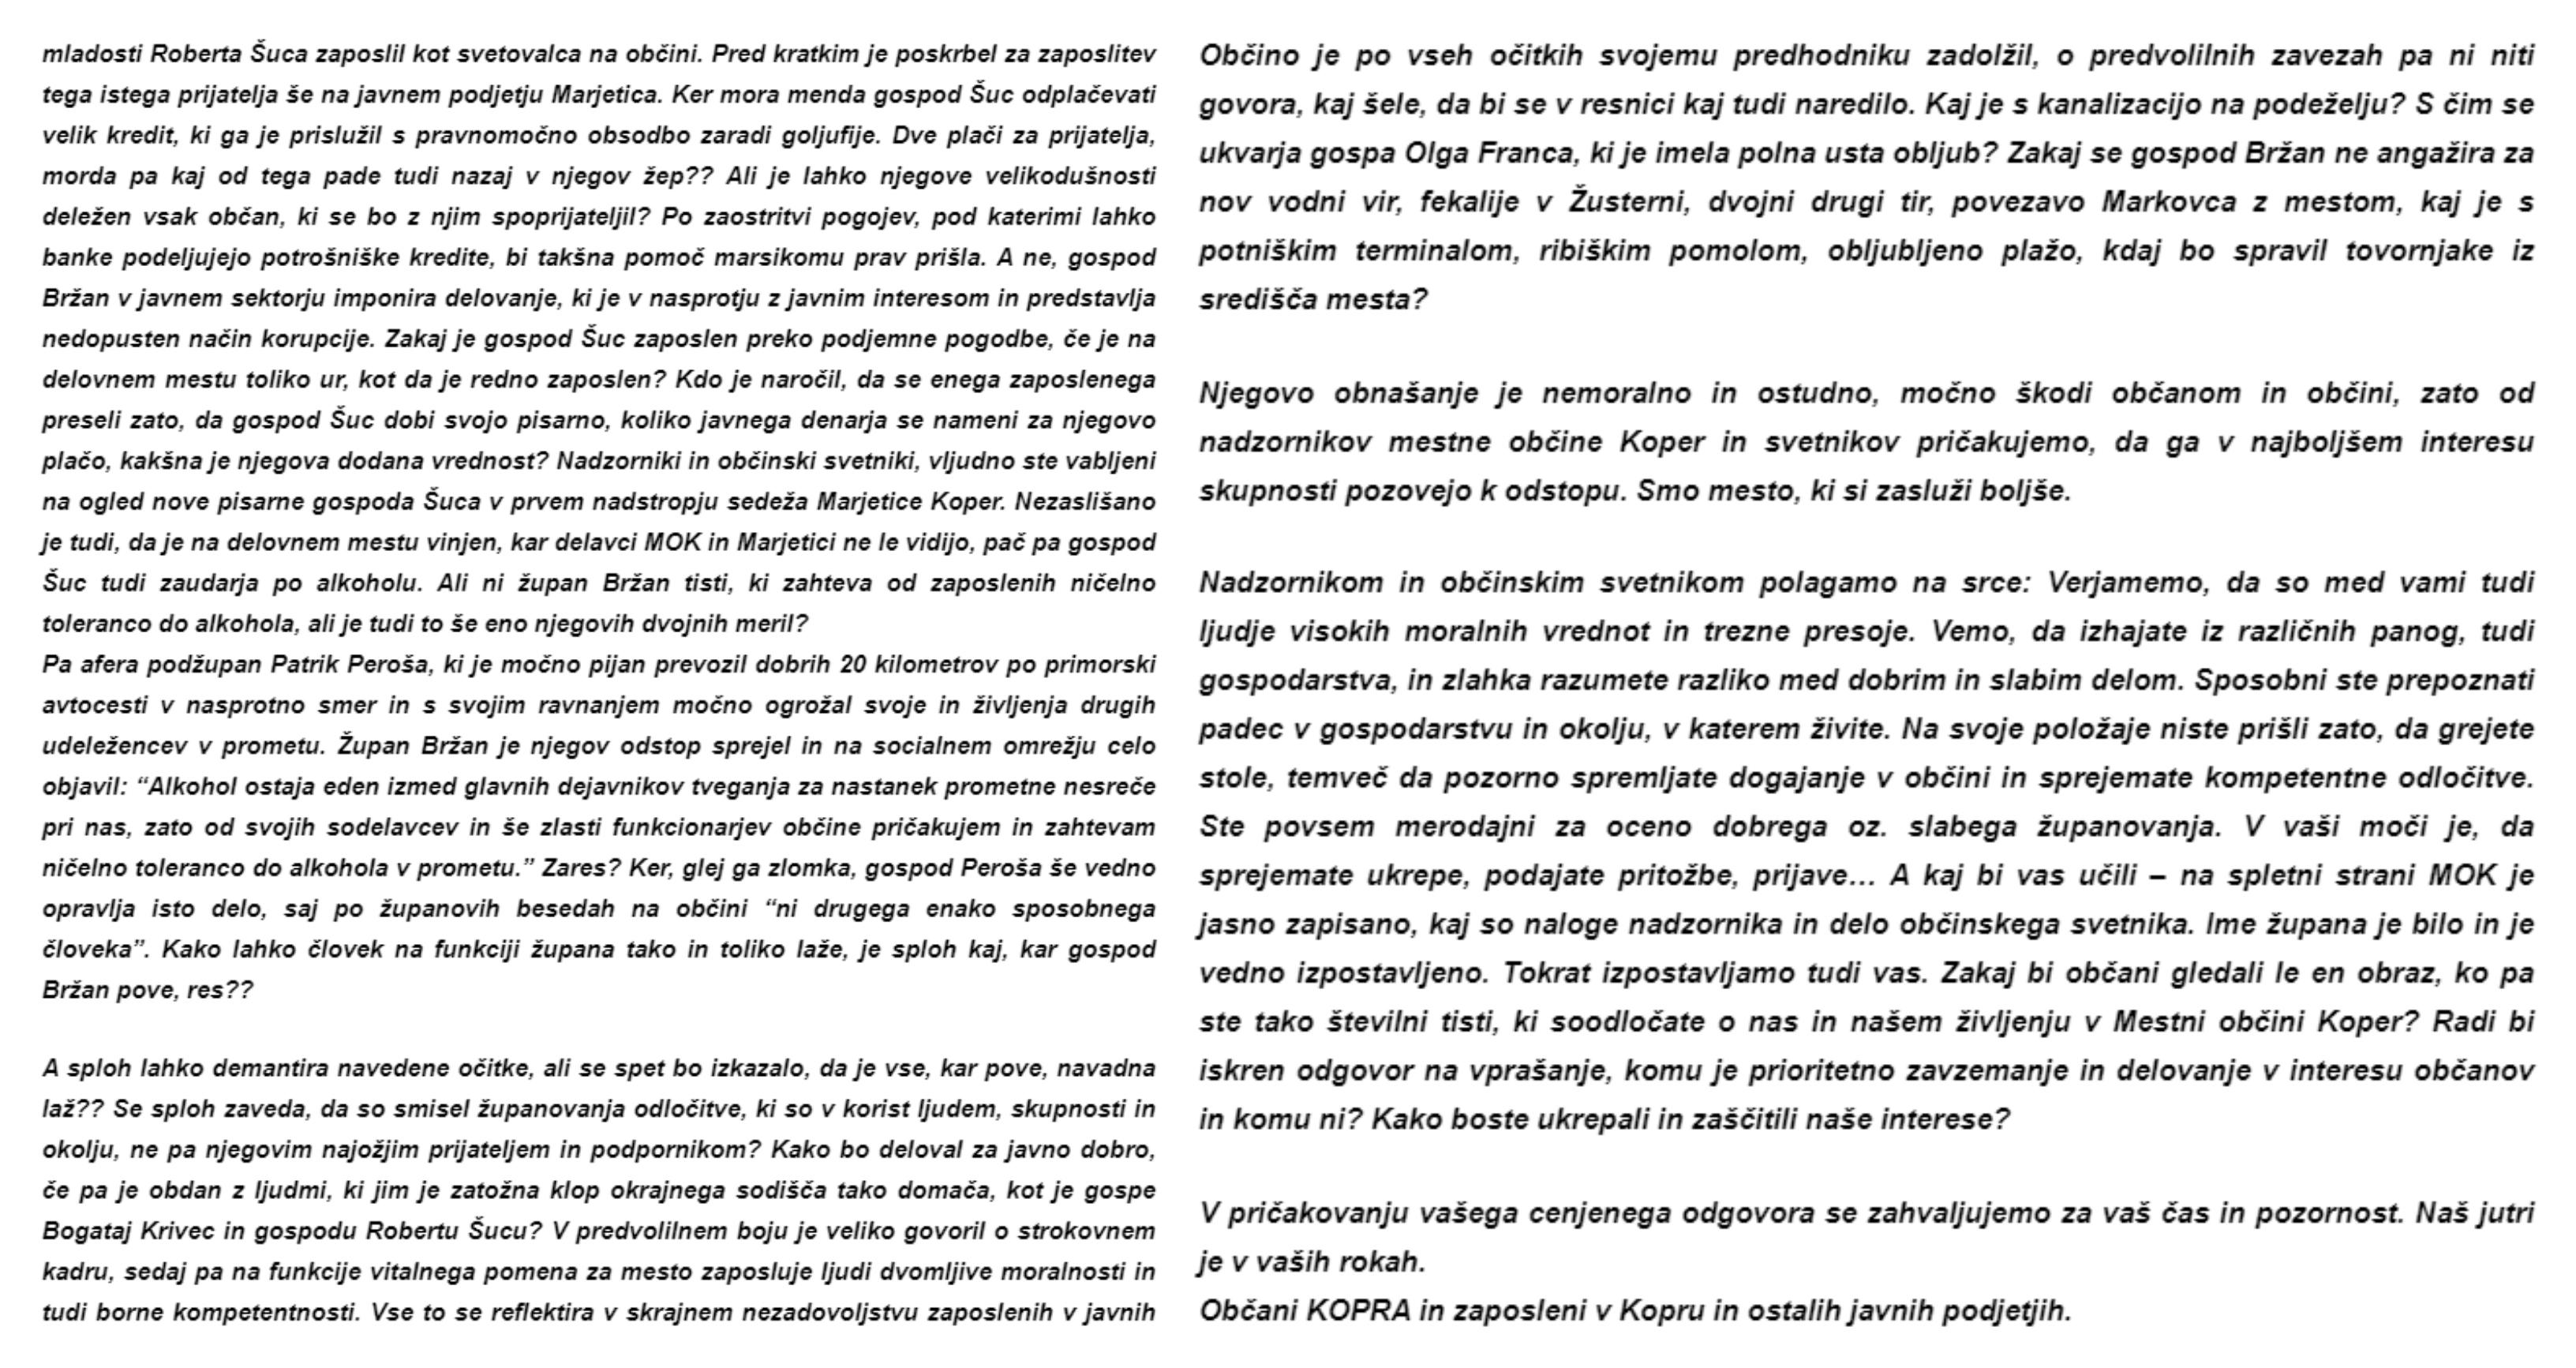 Tretji del anonimke o nepravilnostih koprskega župana Aleša Bržana. (Drugi del anonimke o nepravilnostih koprskega župana Aleša Bržana. (Foto: Prvi del anonimke (Foto: Občani KOPRA in zaposleni v Kopru in ostalih javnih podjetjih)